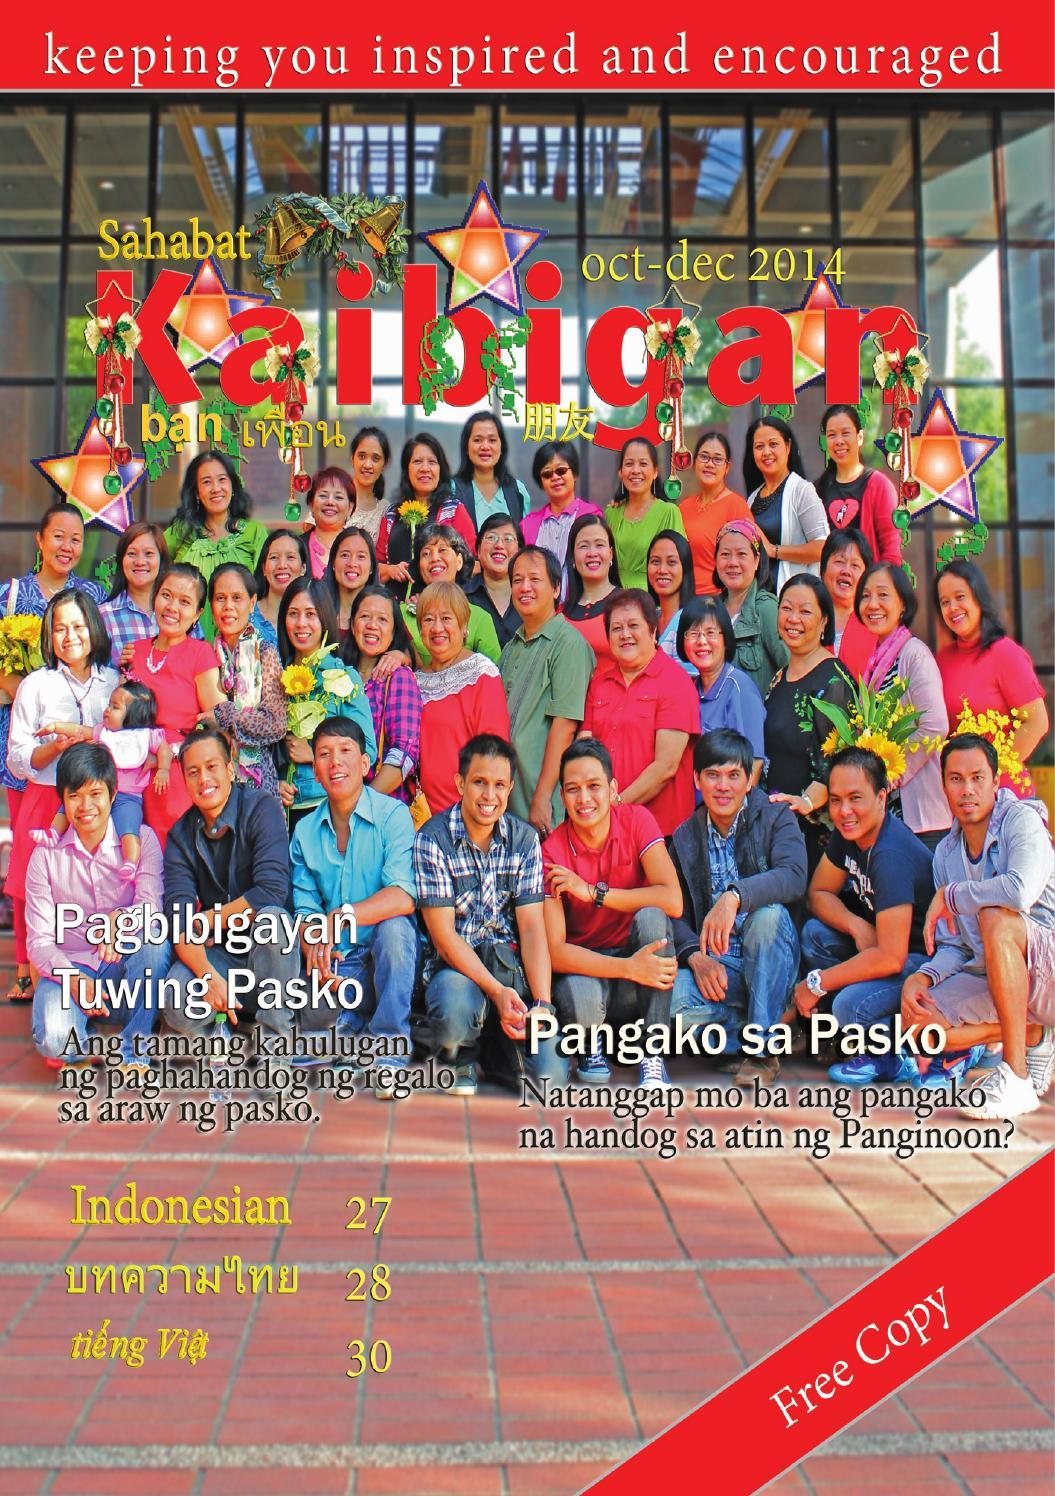 Malalaman mo kung paano liligaya sa buhay pagdating ng panahon